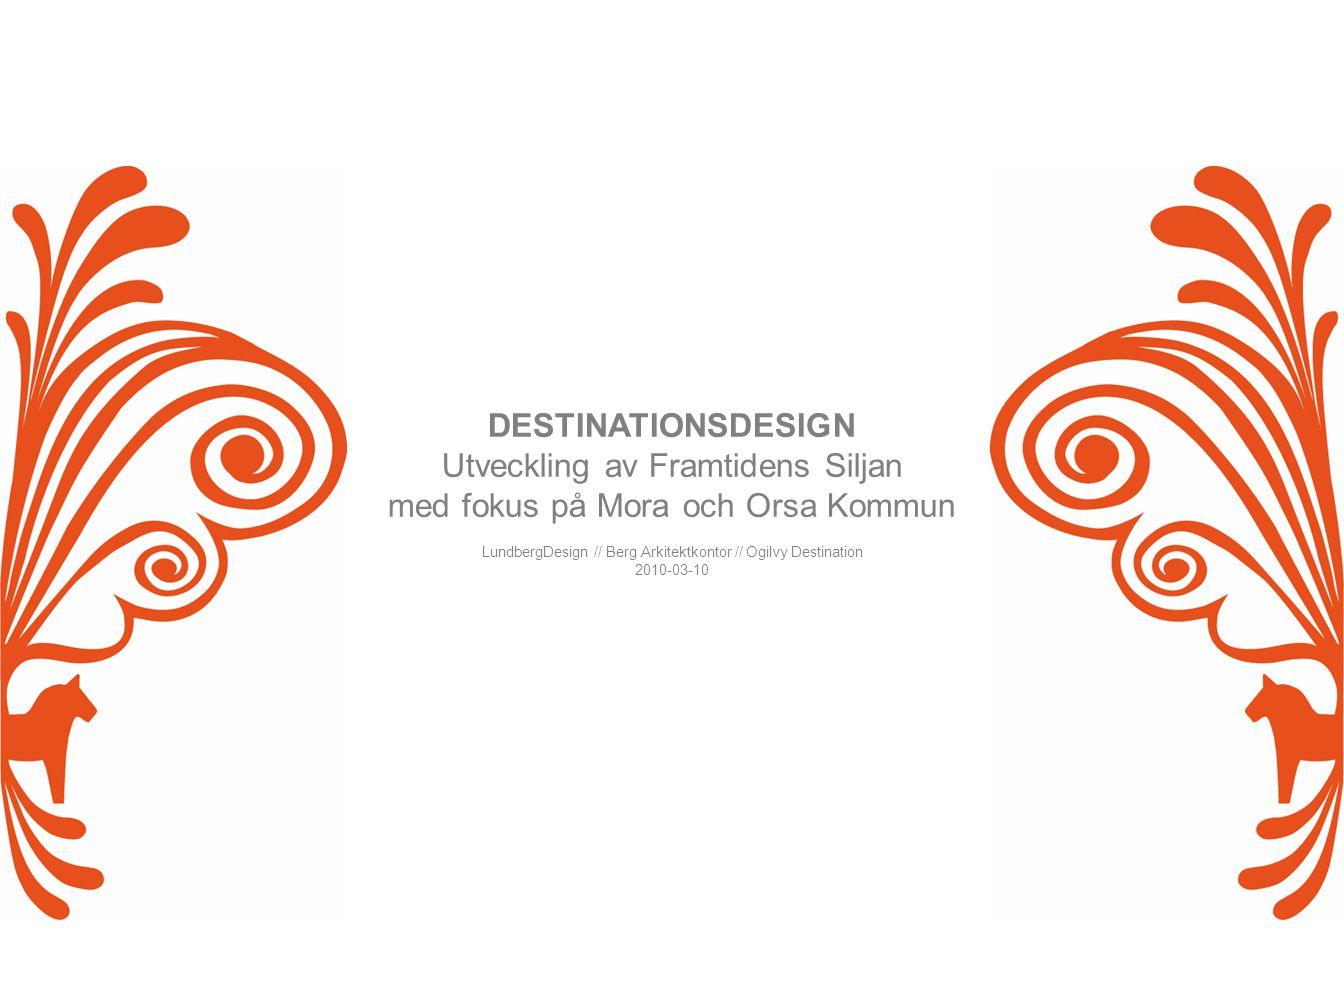 LundbergDesign // Berg Arkitektkontor // Ogilvy DestinationDESTINATIONSDESIGN // Utveckling av Mora och Orsa Kommun LundbergDesign // Berg Arkitektkon